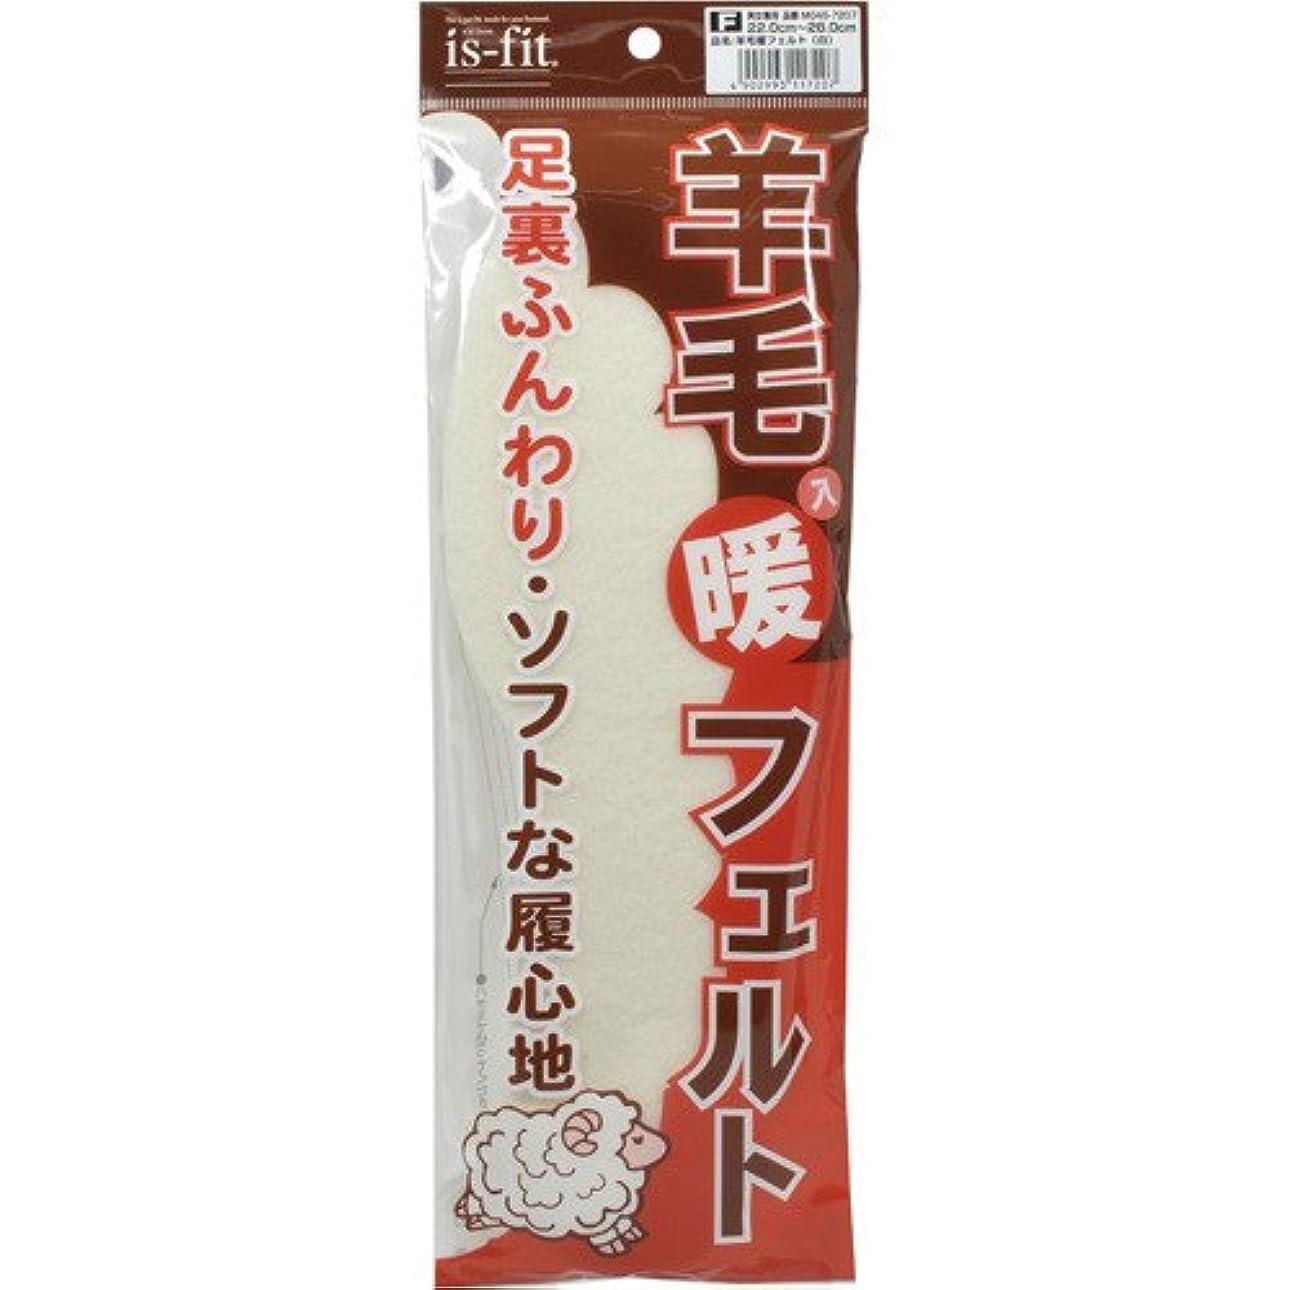 サージリース絞るis-fit(イズフィット) 羊毛入り暖フェルト 男女兼用 22.0-28.0cm 白